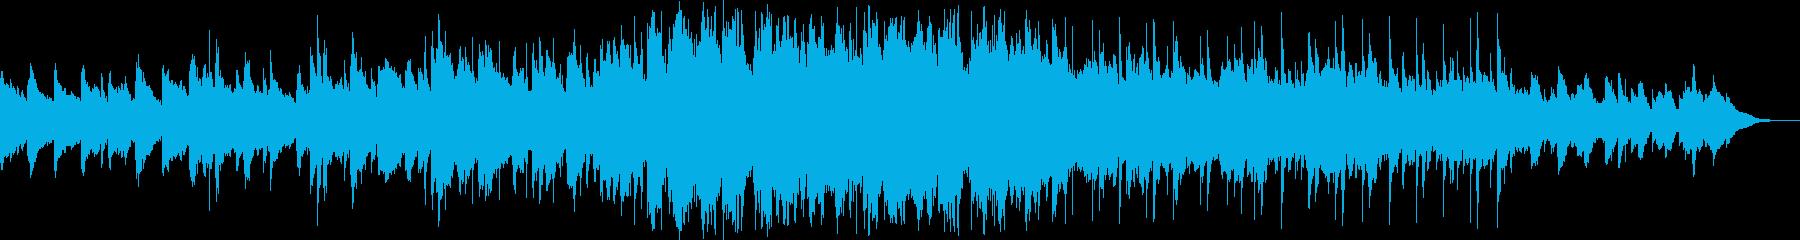 ほのぼのとふわり感ある曲の再生済みの波形